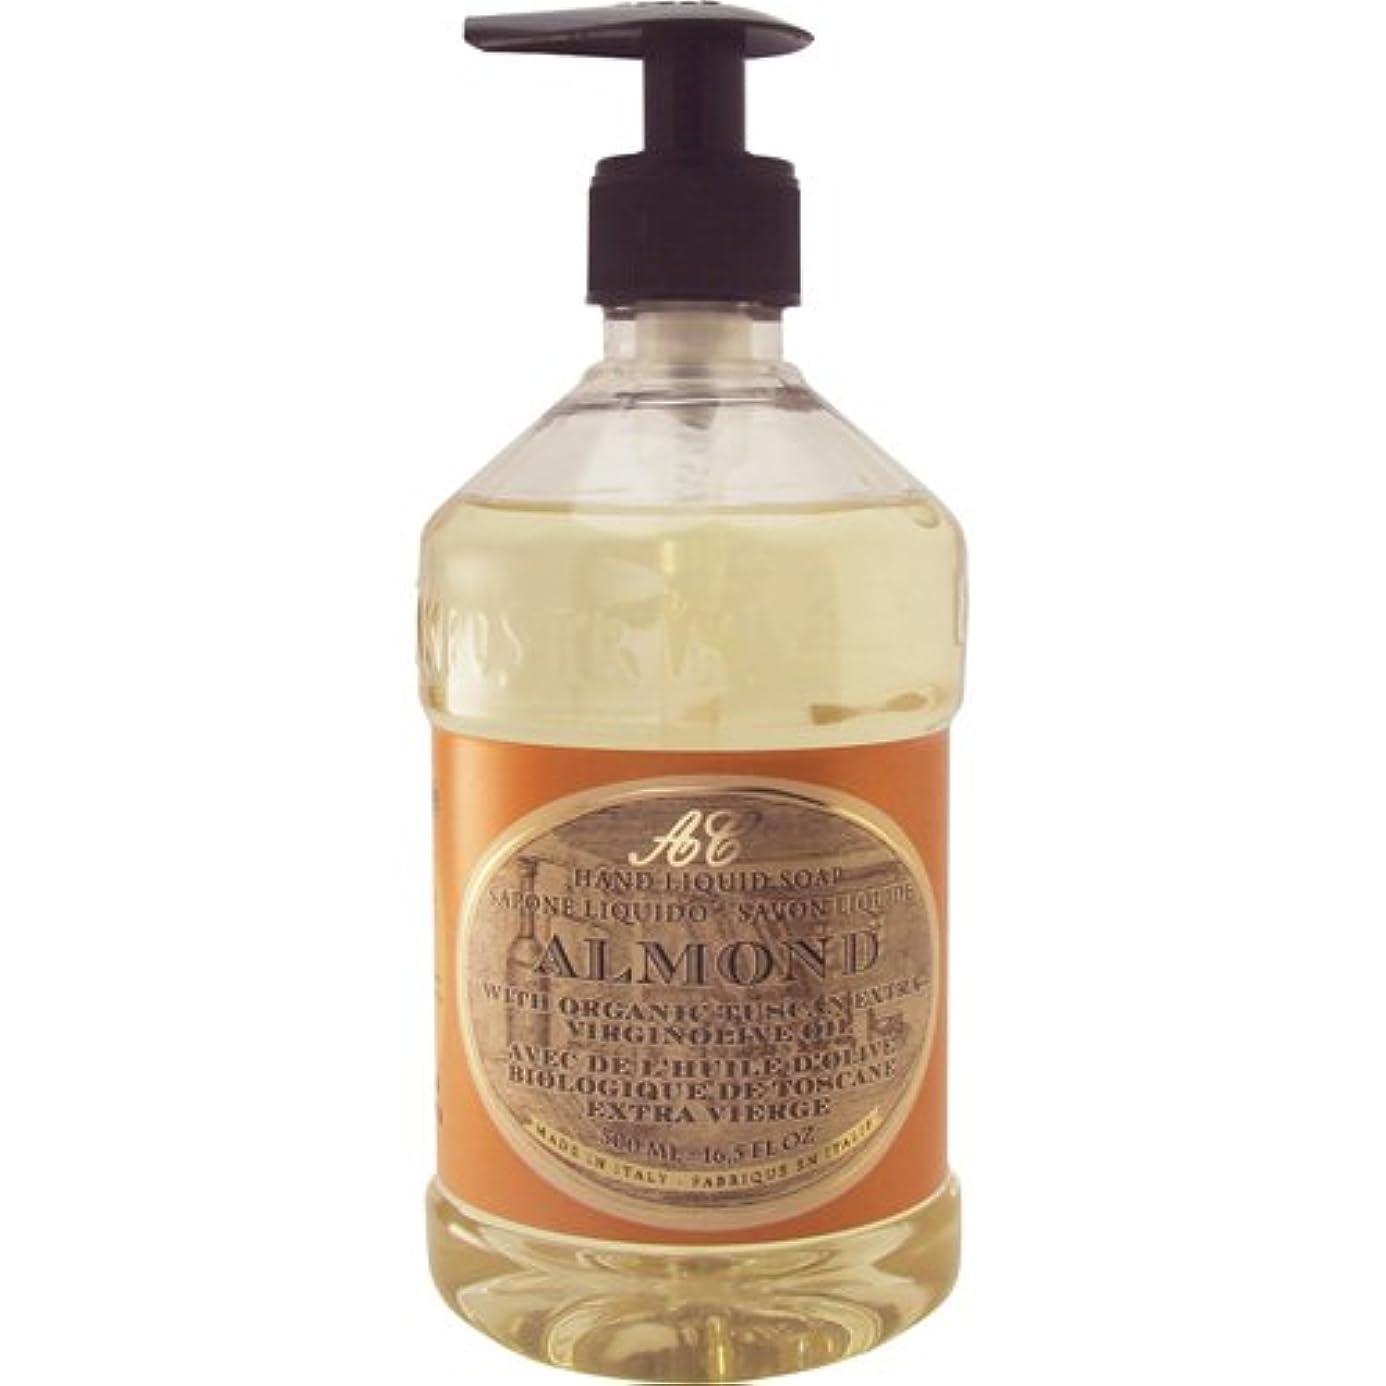 スカリー泥棒市民Saponerire Fissi レトロシリーズ Liquid Soap リキッドソープ 500ml Almond アーモンドオイル